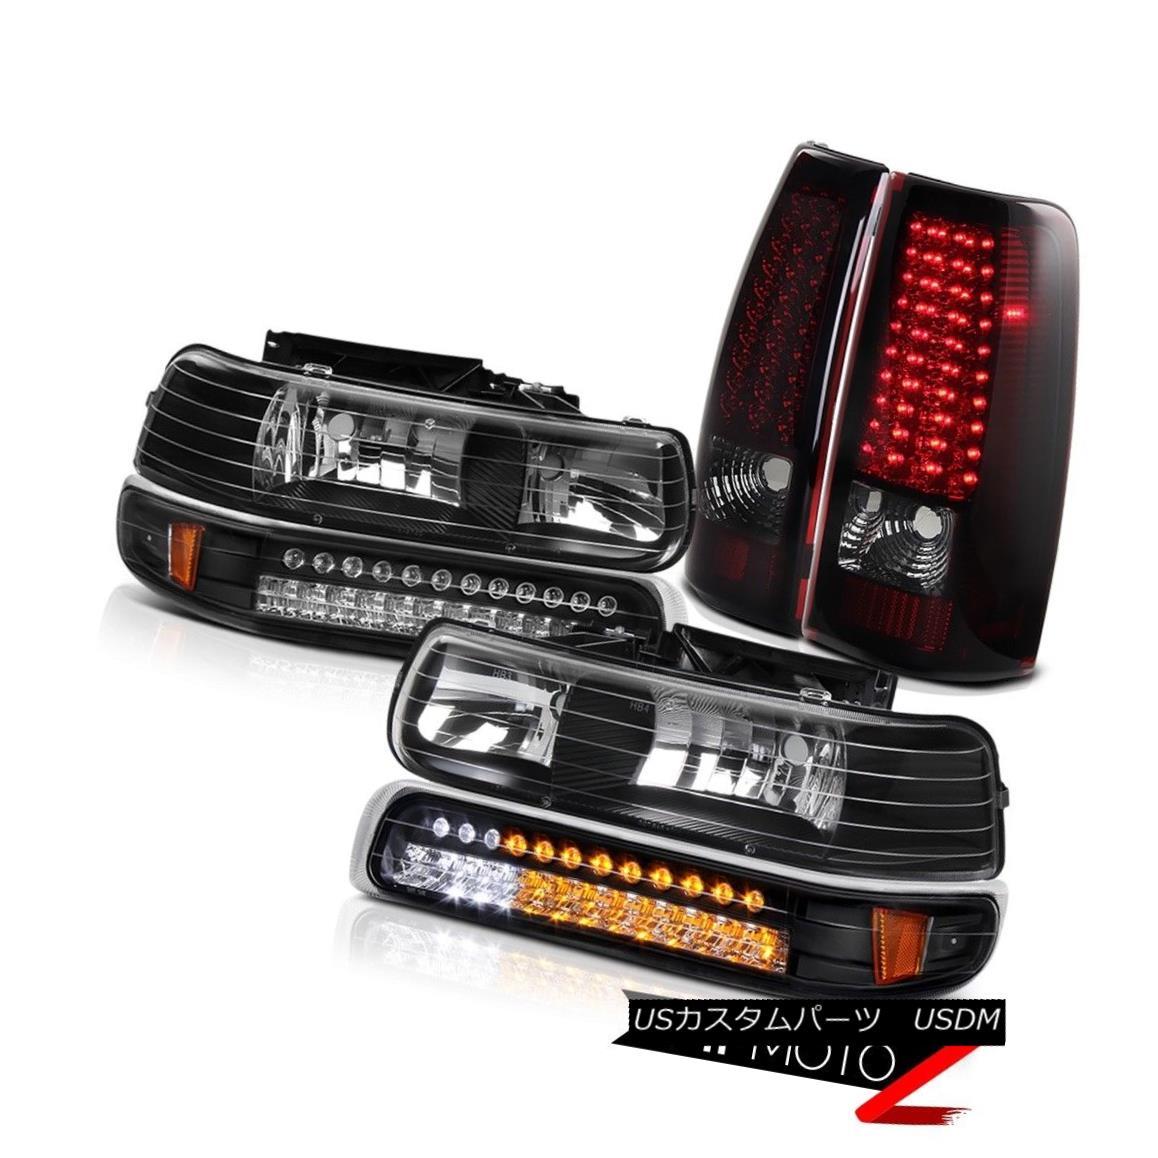 テールライト 99-02 Chevrolet Silverado Truck CHERRY Smoke Red Taillamps Projector Headlights 99-02シボレーシルバラードトラックCHERRYスモークレッドタイルランププロジェクターヘッドライト